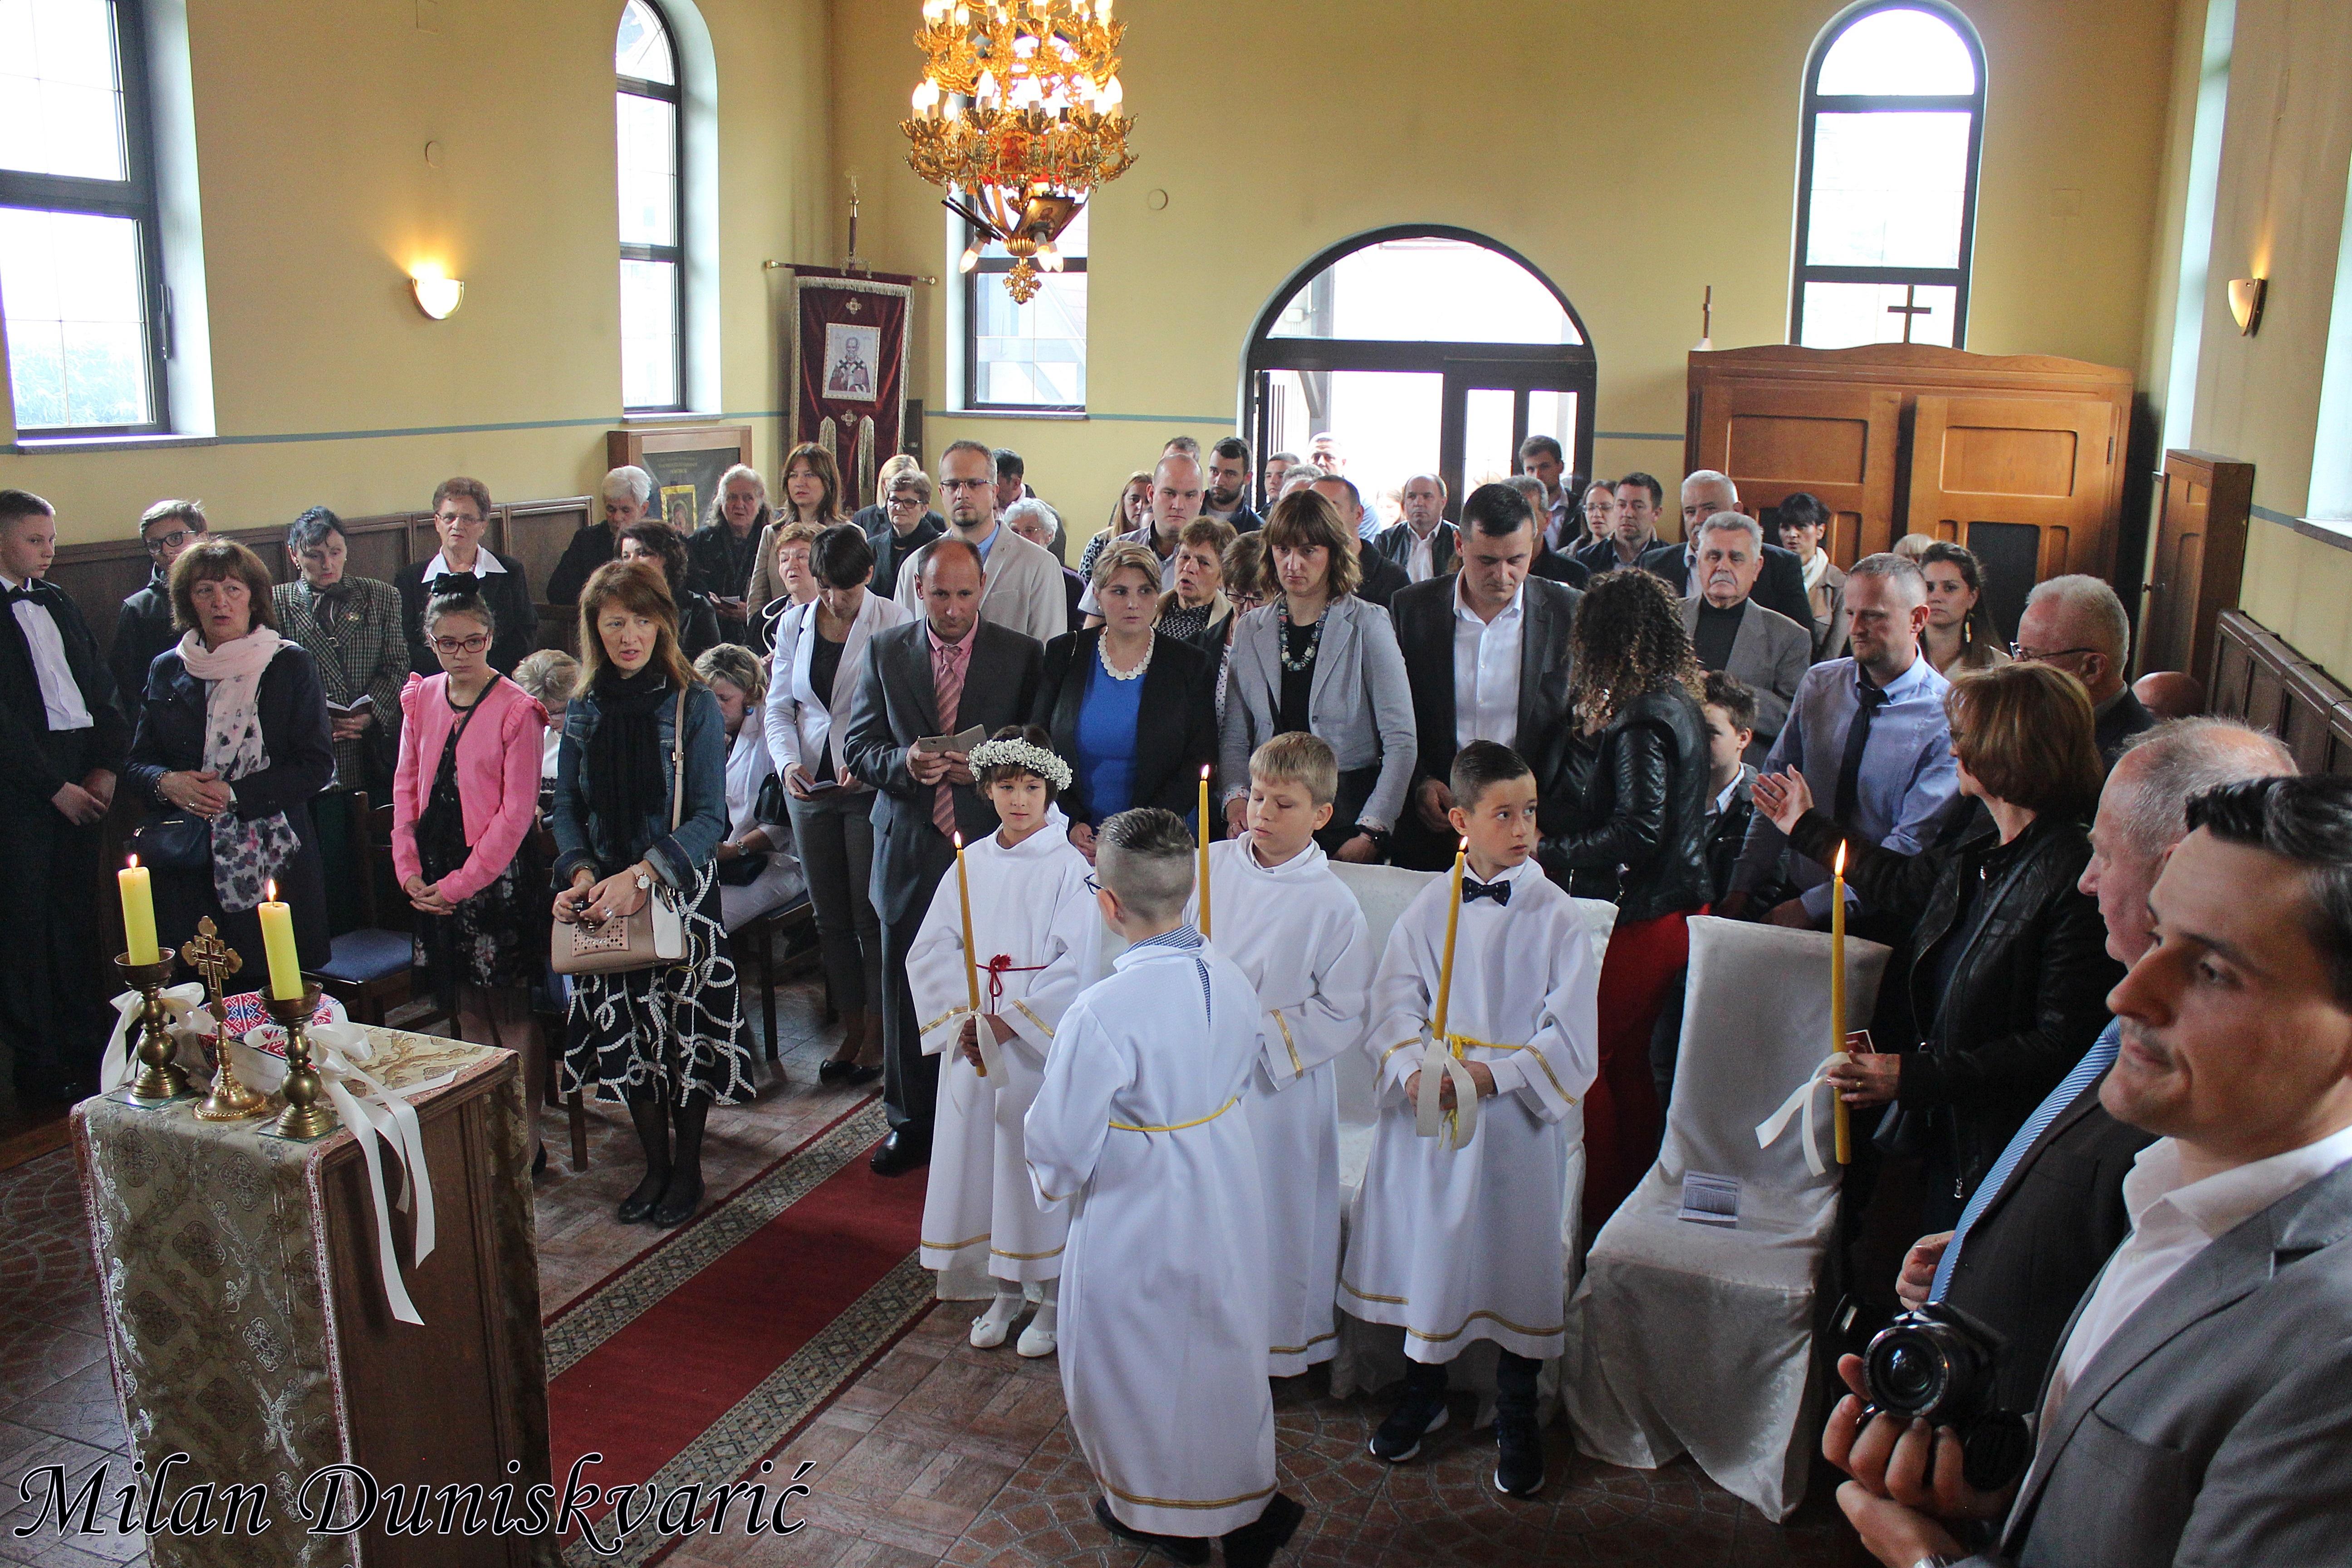 U Samoboru održana Prva pričest za grkokatoličke vjeroučenike